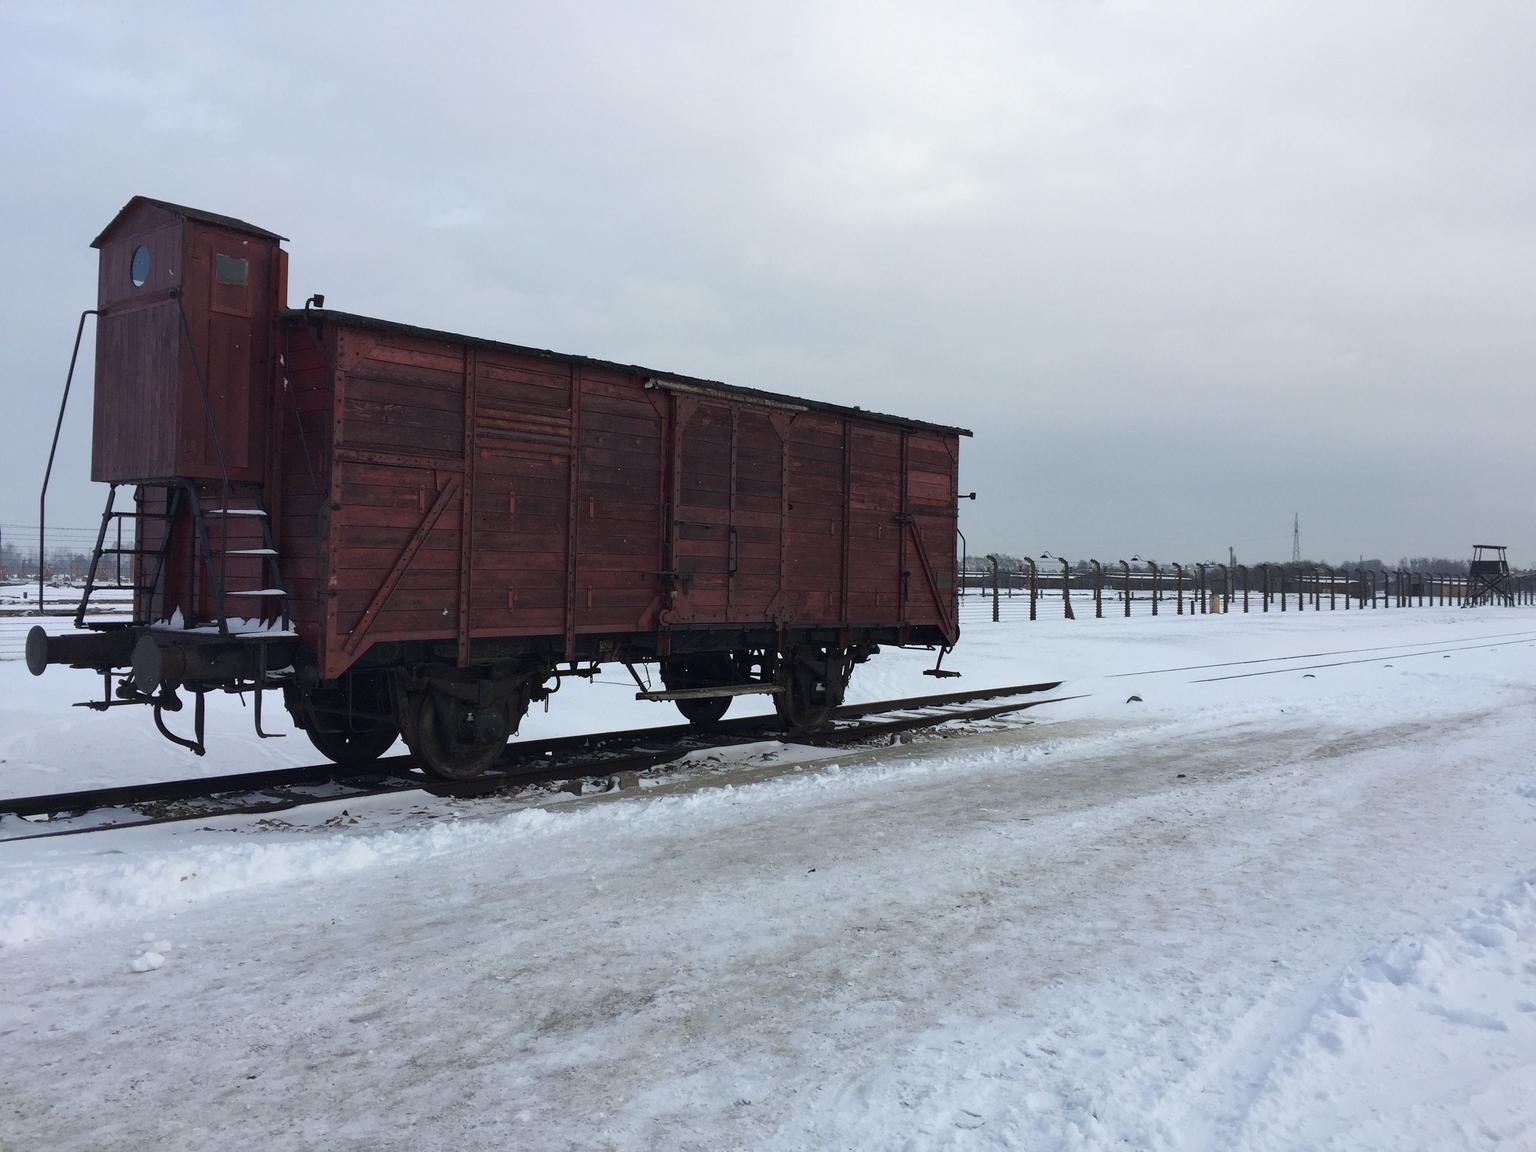 MÁS FOTOS, Excursión de medio día al Museo de Auschwitz-Birkenau desde Cracovia